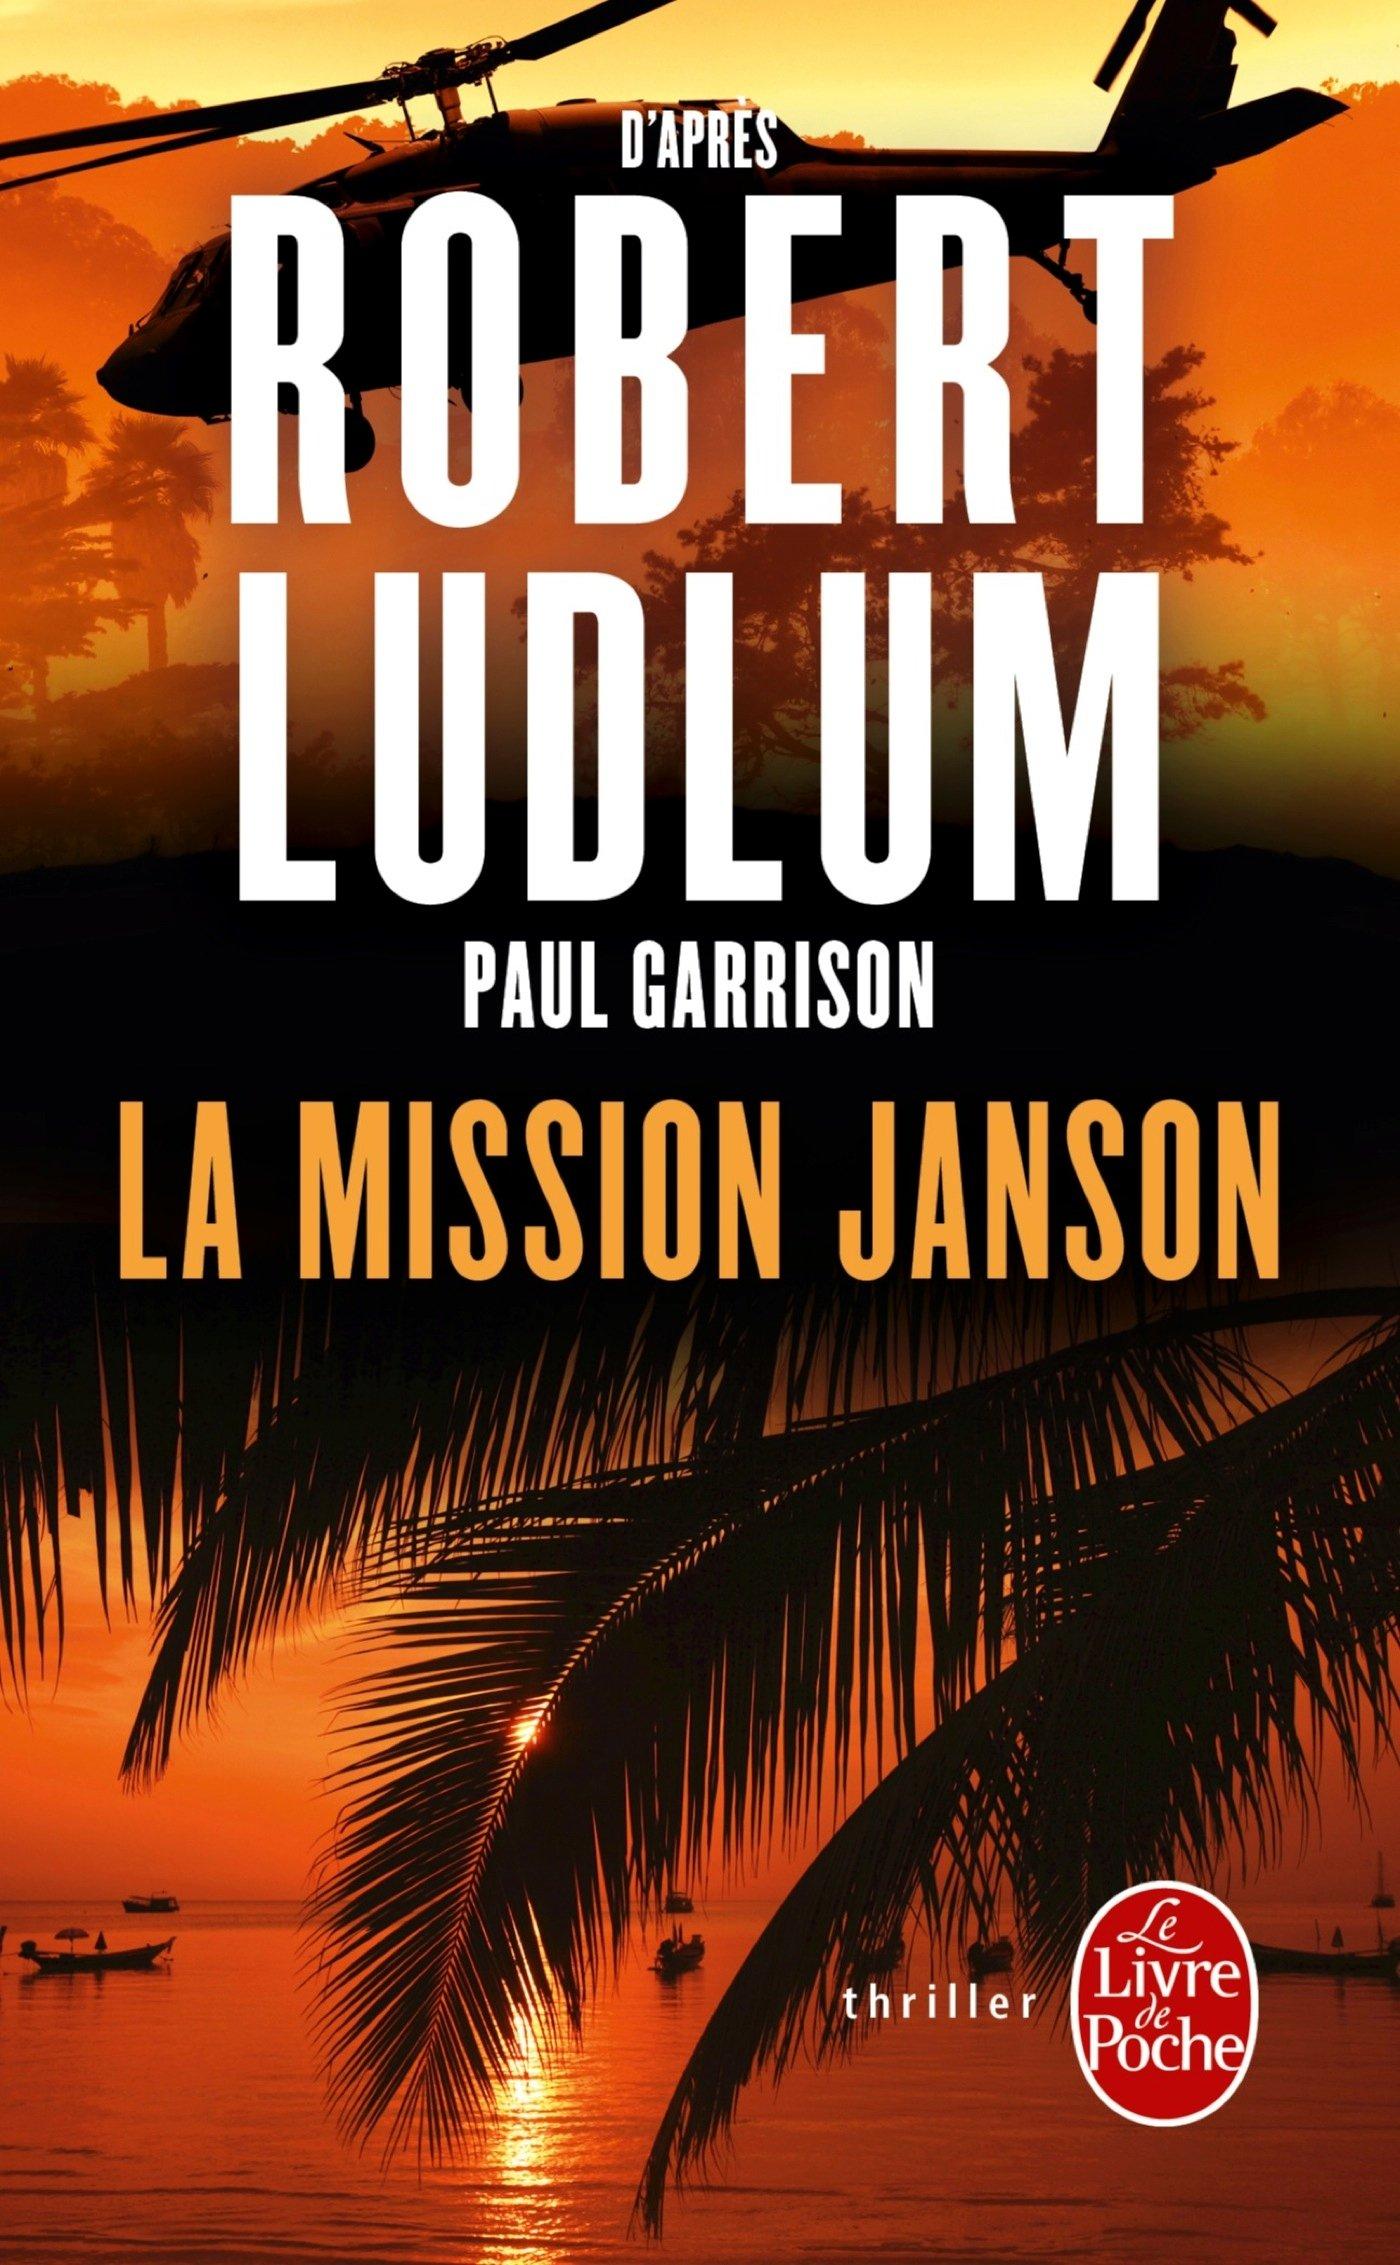 La Mission Janson Policier Thriller Le Livre De Poche